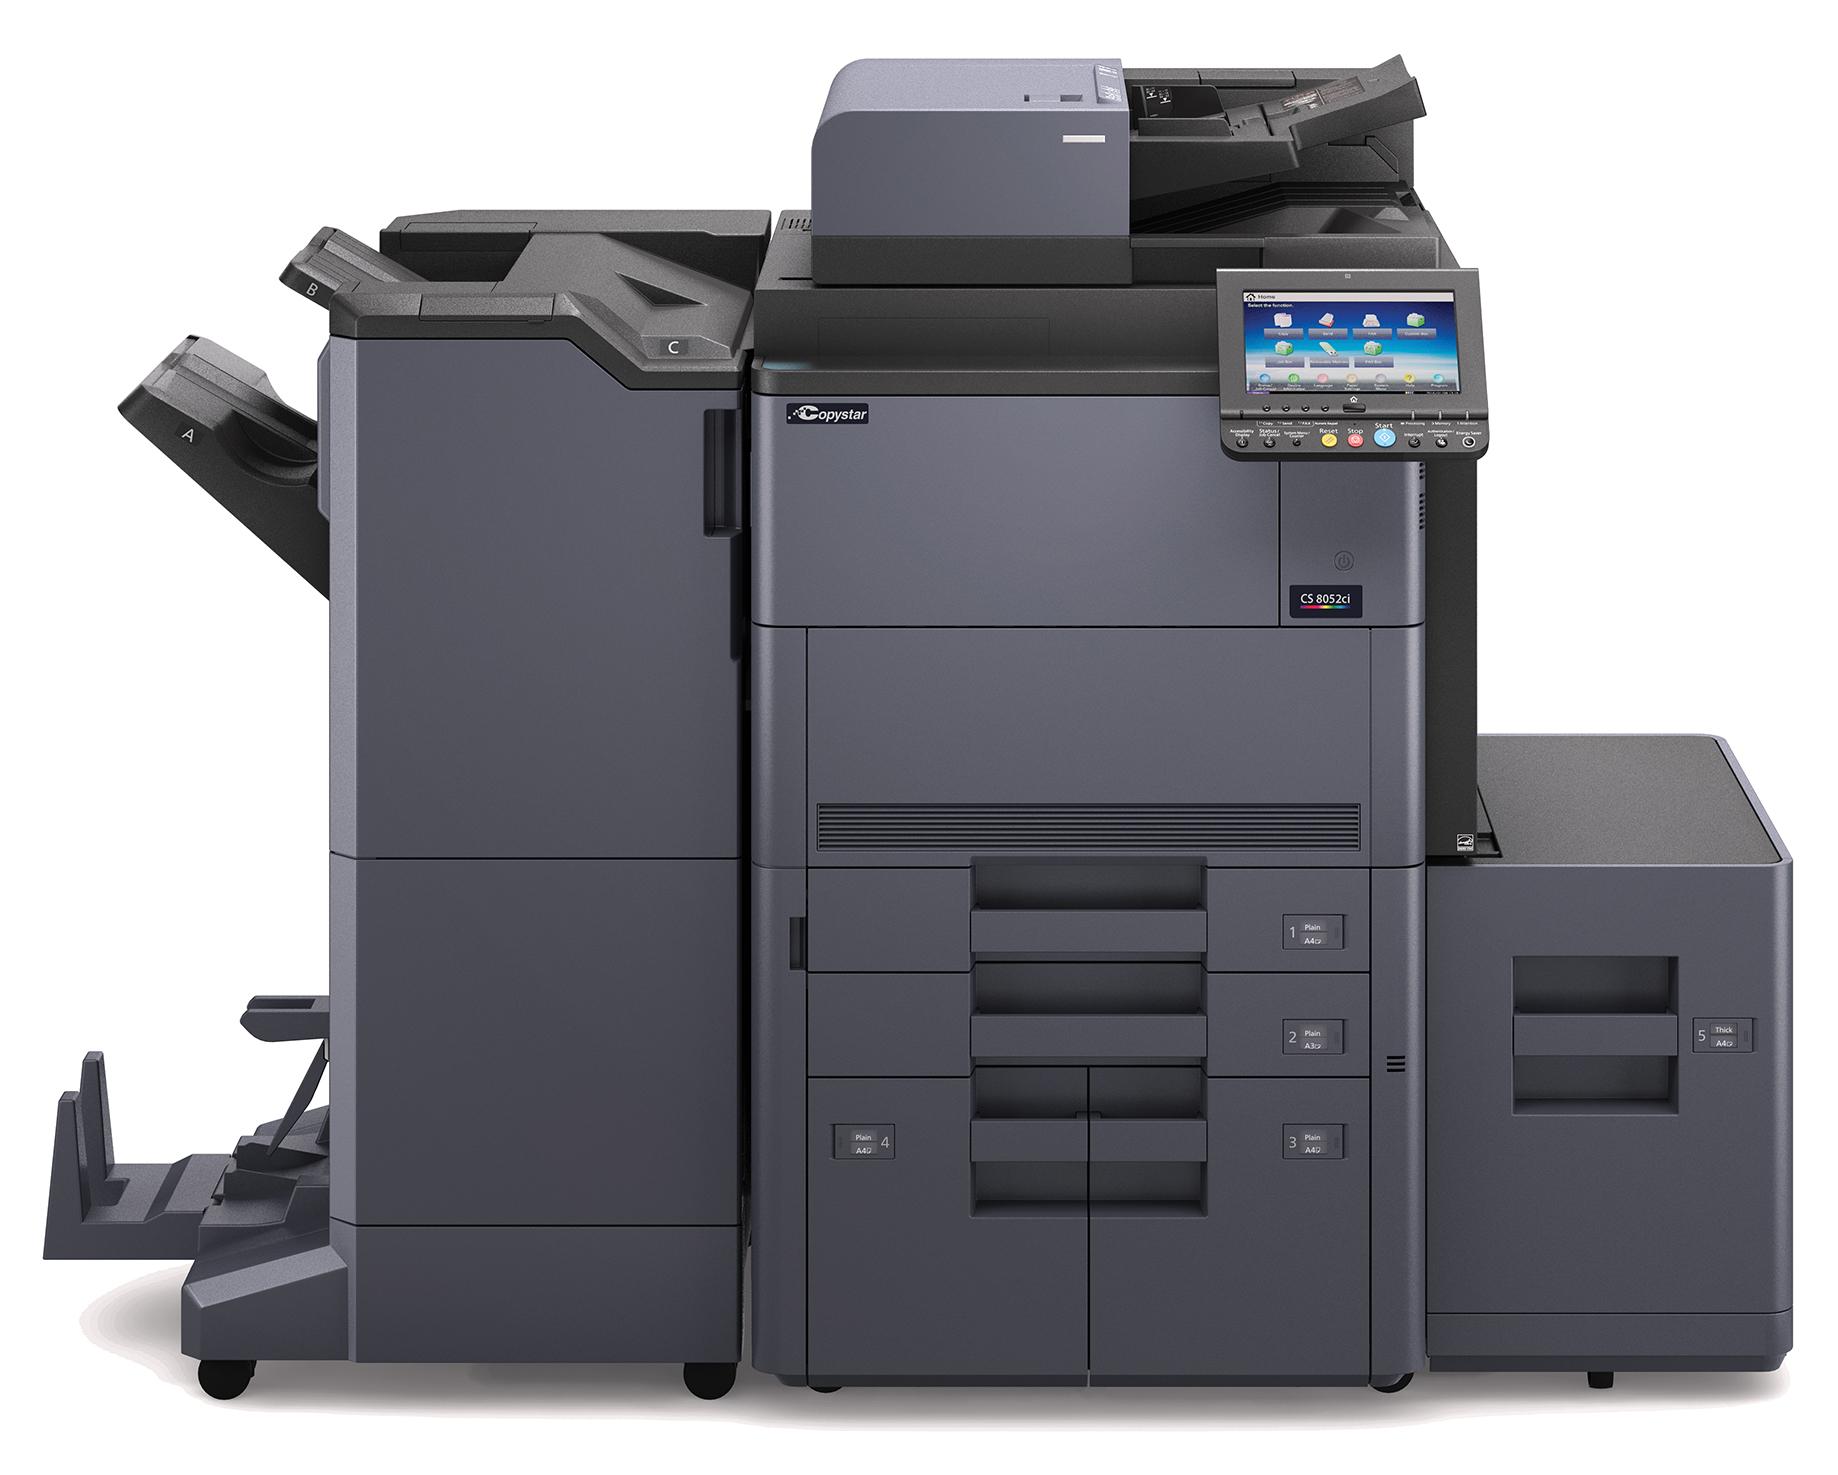 Kyocera CS 8052ci